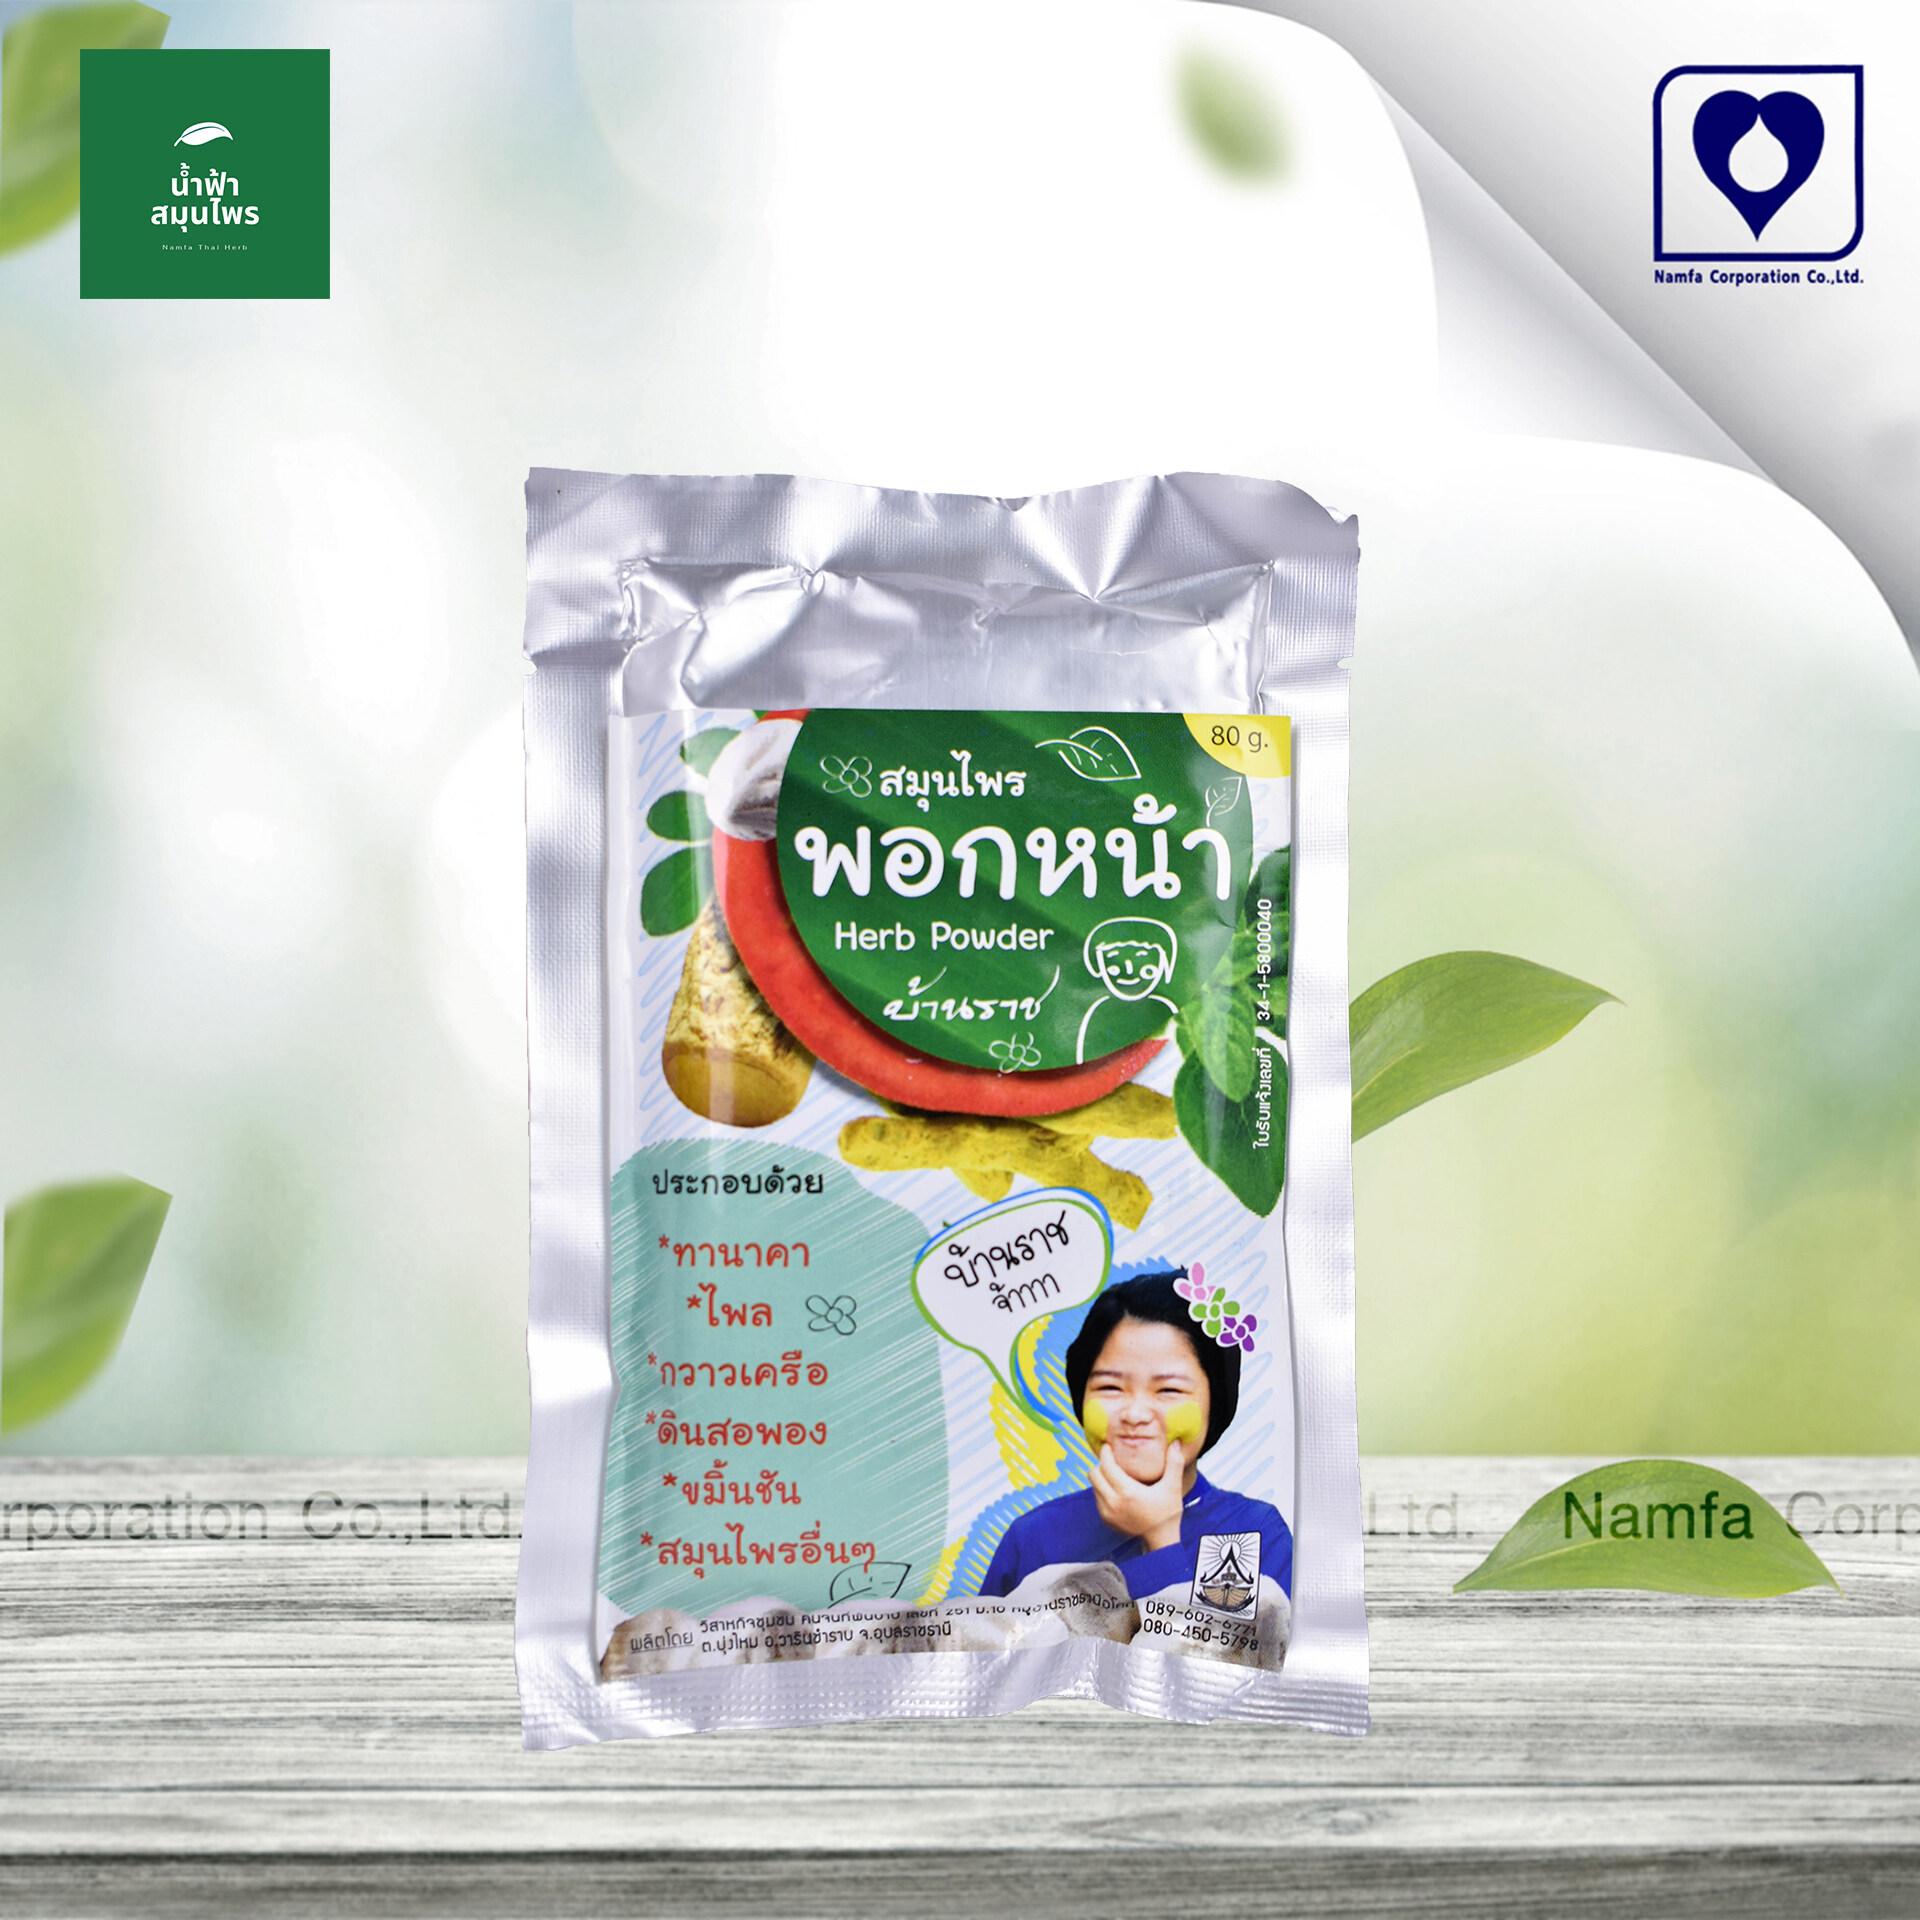 harga corp slim herbal 2021